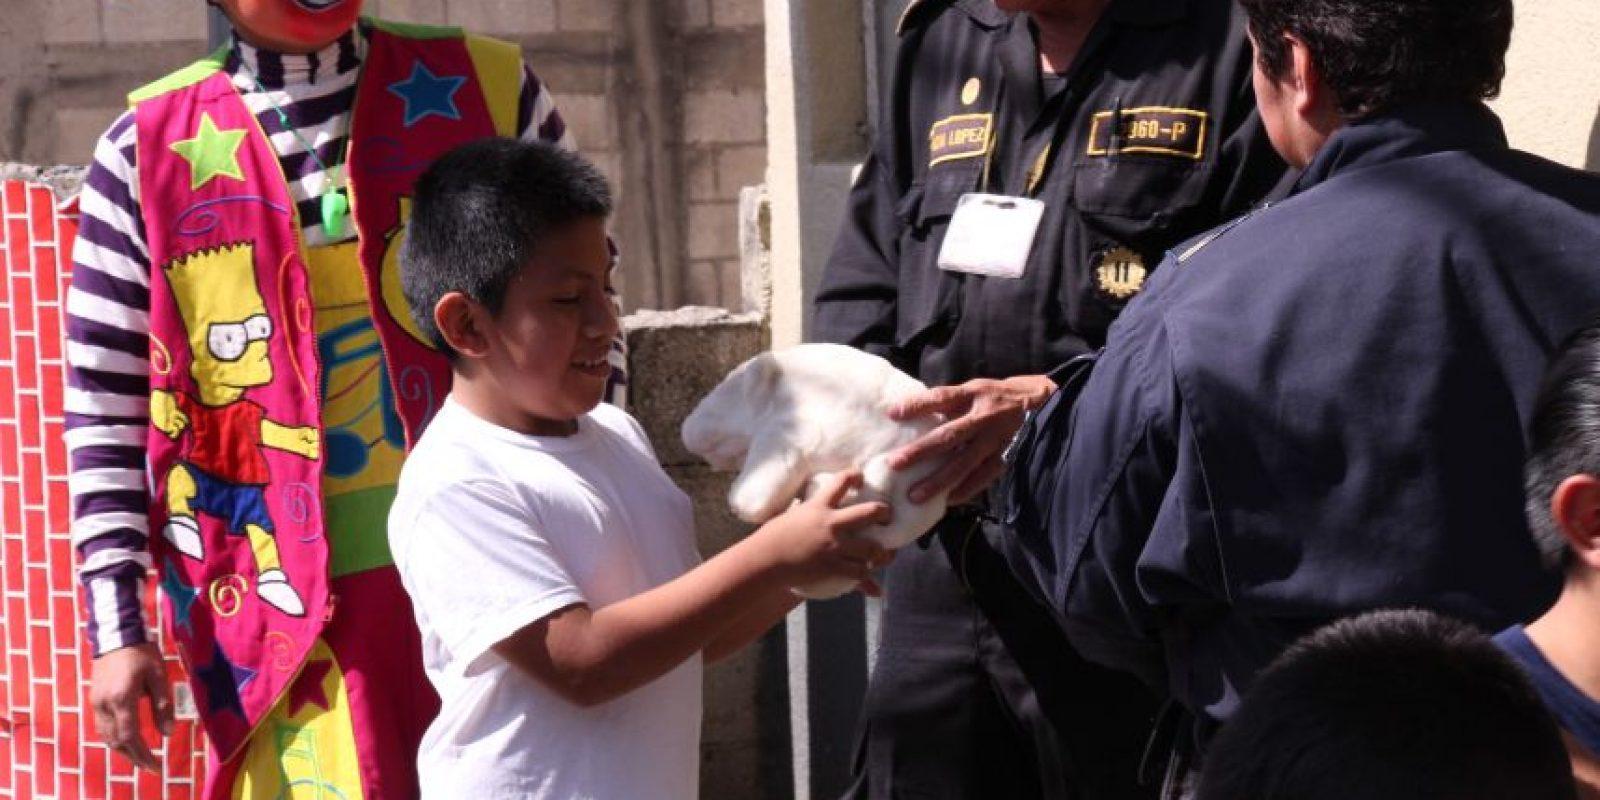 Los uniformados han obsequiado juguetes a los niños. Foto:PNC